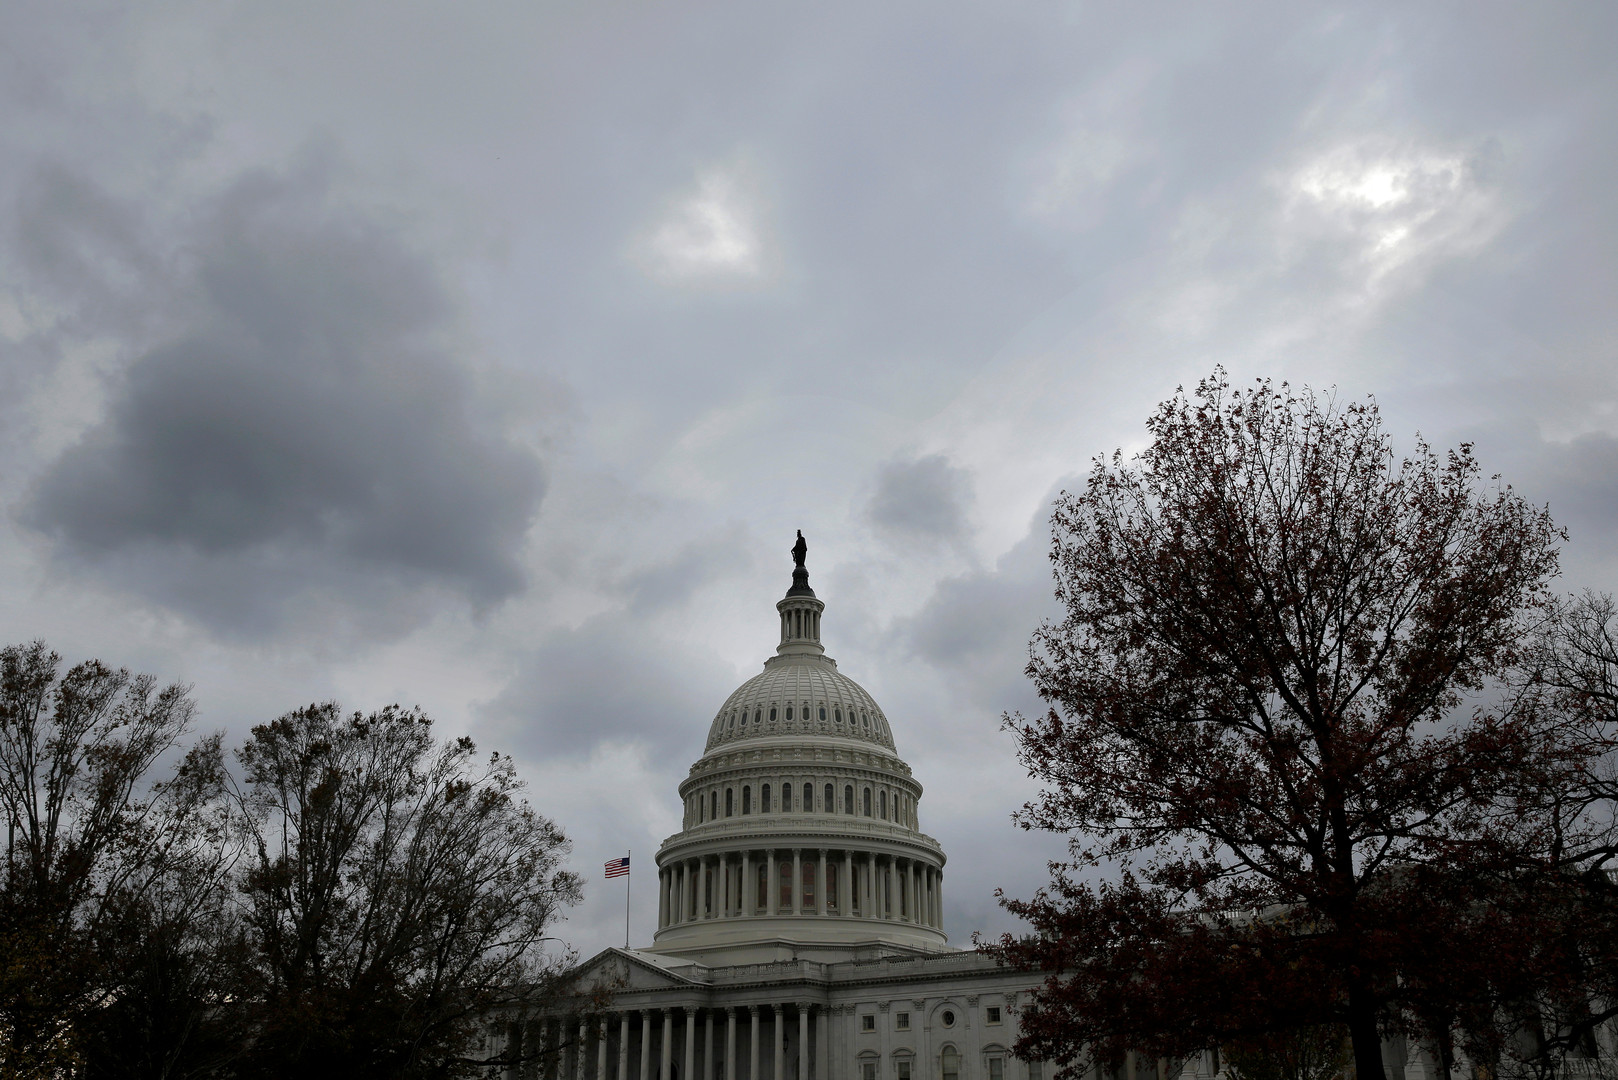 مشروع قرار في الكونغرس يقضي باعتراف واشنطن بالقدس عاصمة لإسرائيل